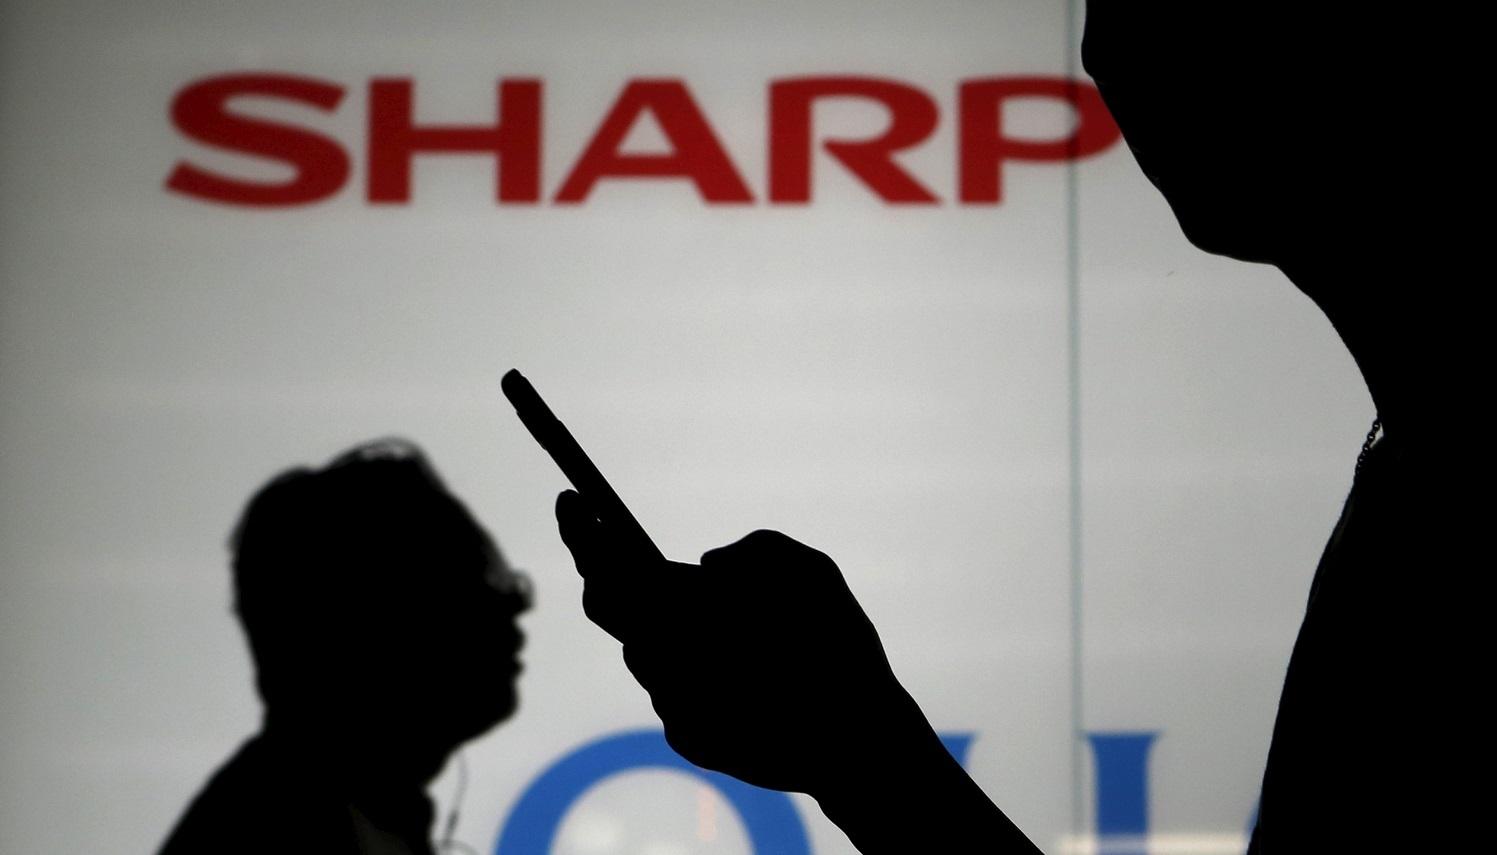 هاتف متطور من Sharp يتحدى أفضل الهواتف الحديثة